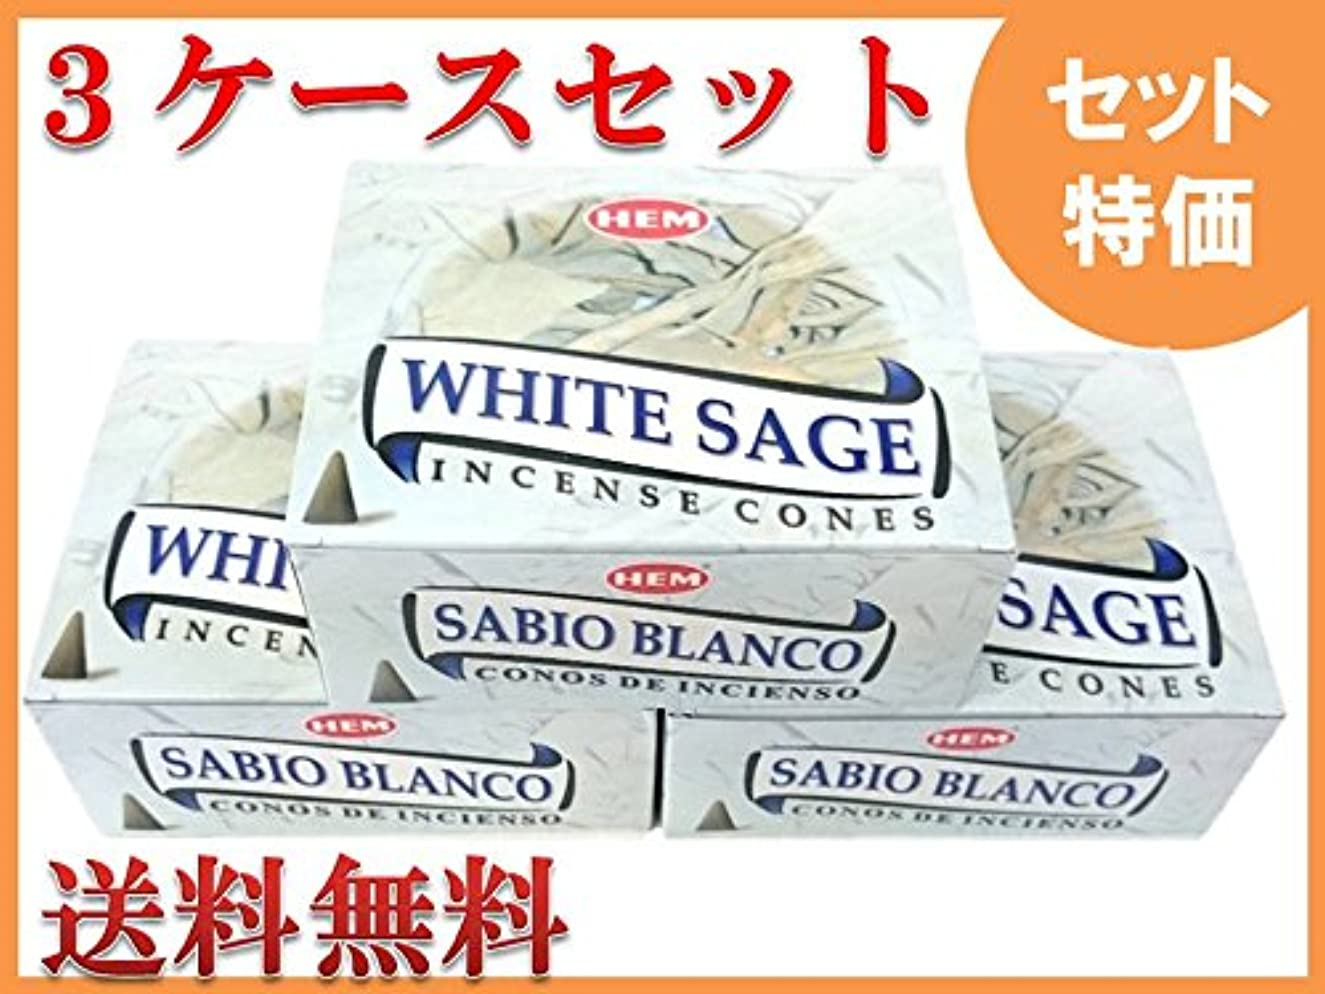 議会論理的ボイドHEM(ヘム)お香コーン:ホワイトセージ 3ケース(36箱)セット/お香コーン/HEMホワイトセージコーン